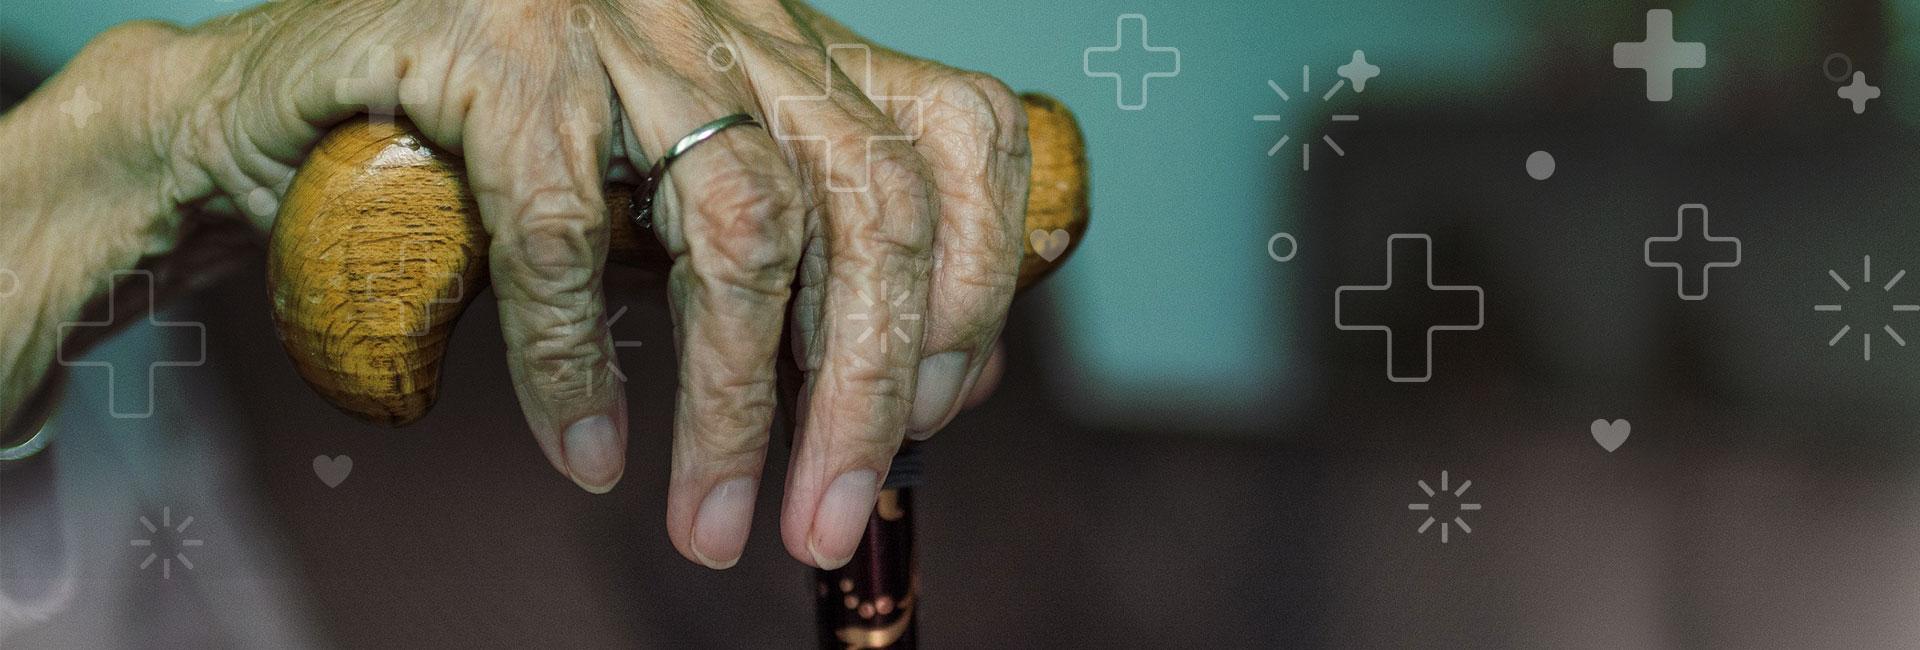 pacientes de todas las edades sufren de trastornos alimenticios